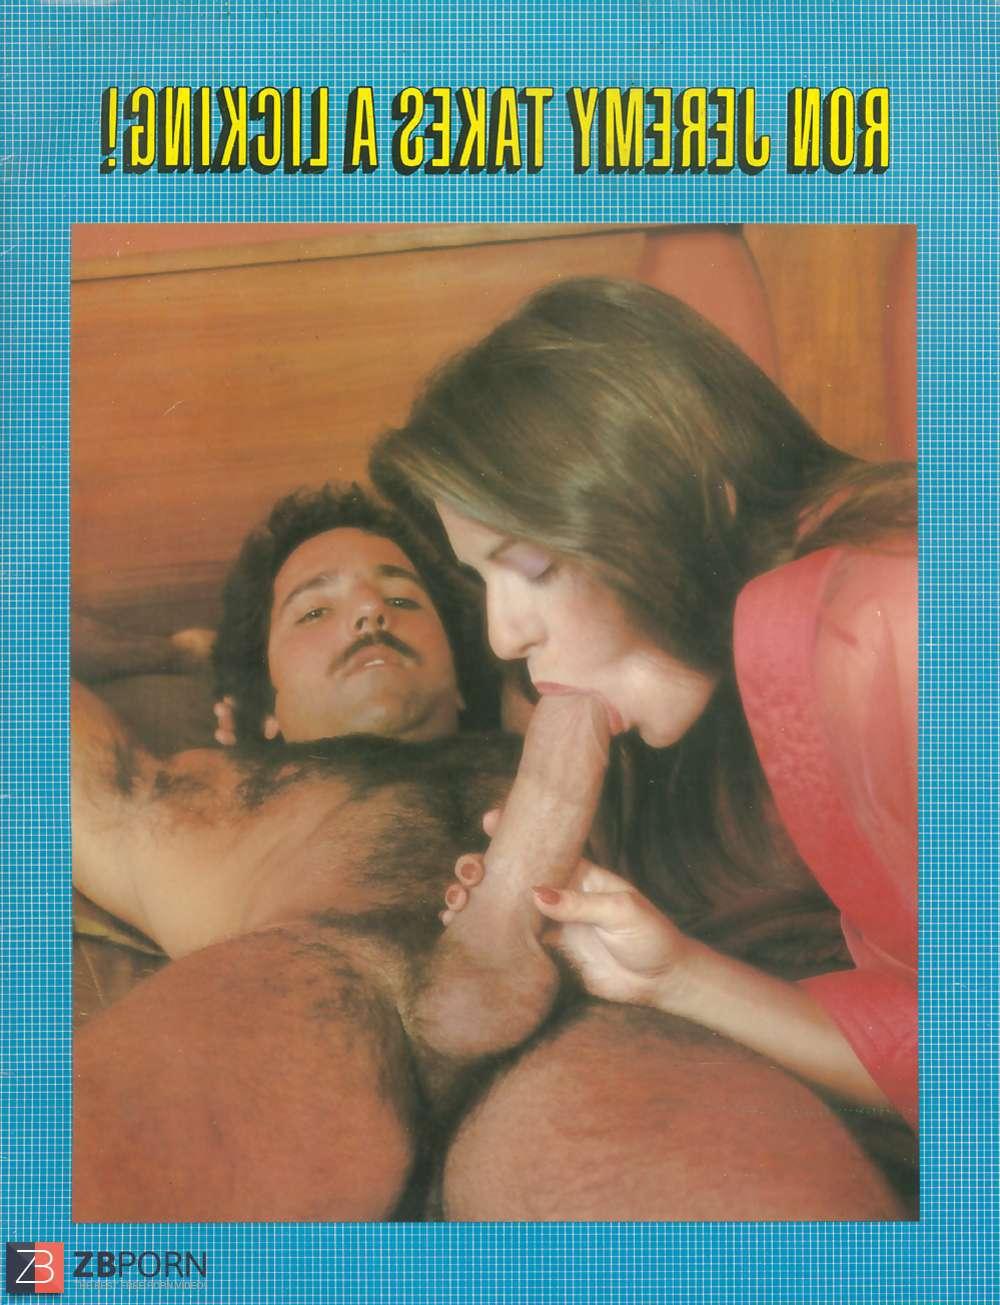 Jeremy star ron vintage porn